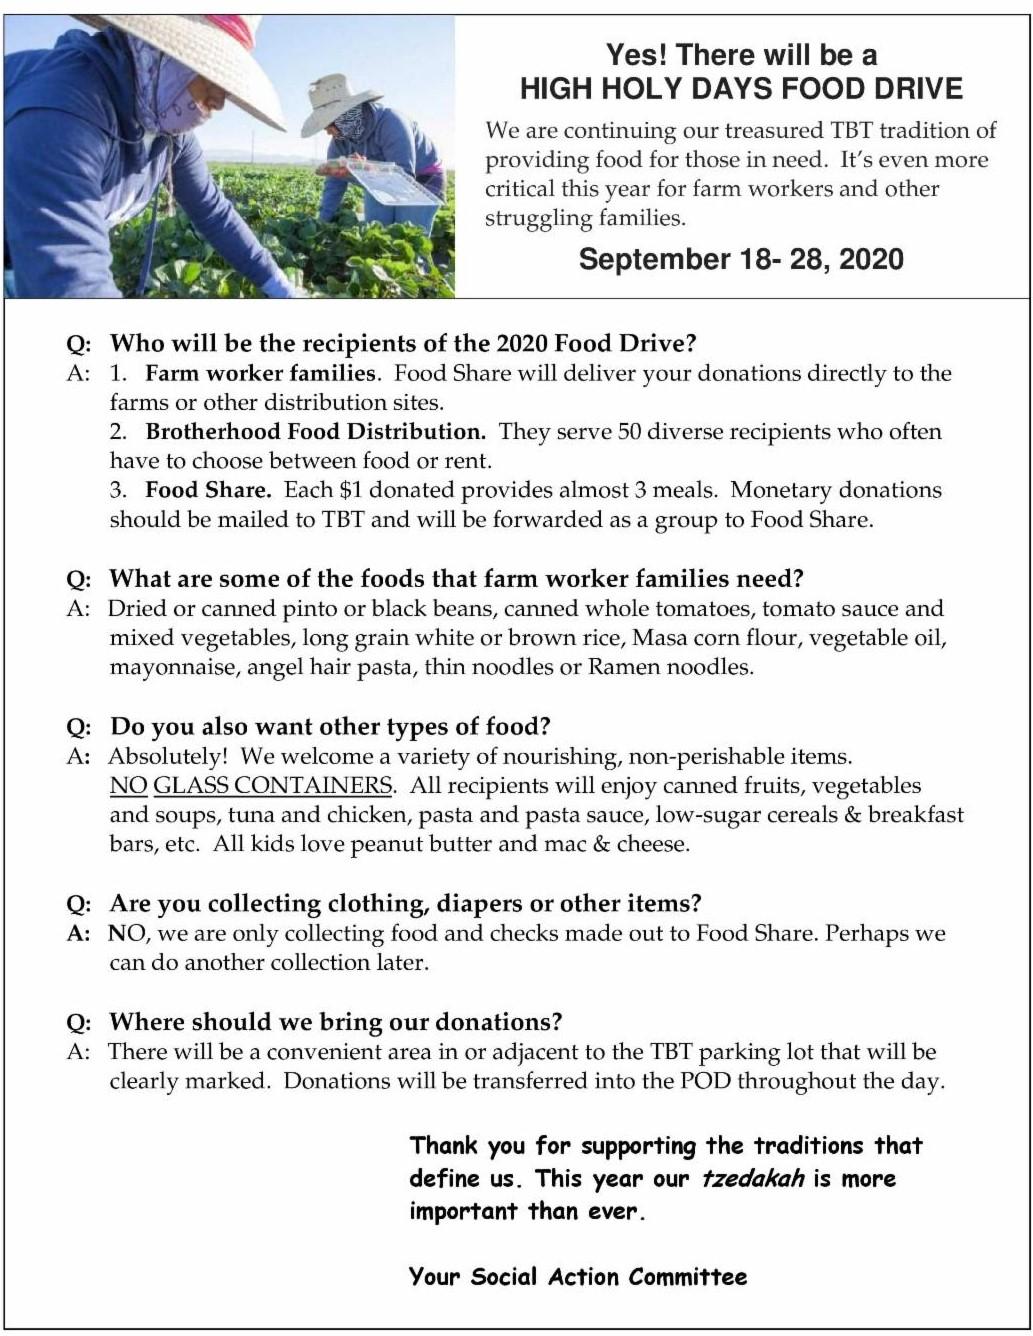 HHD 2020 Food Drive Plan